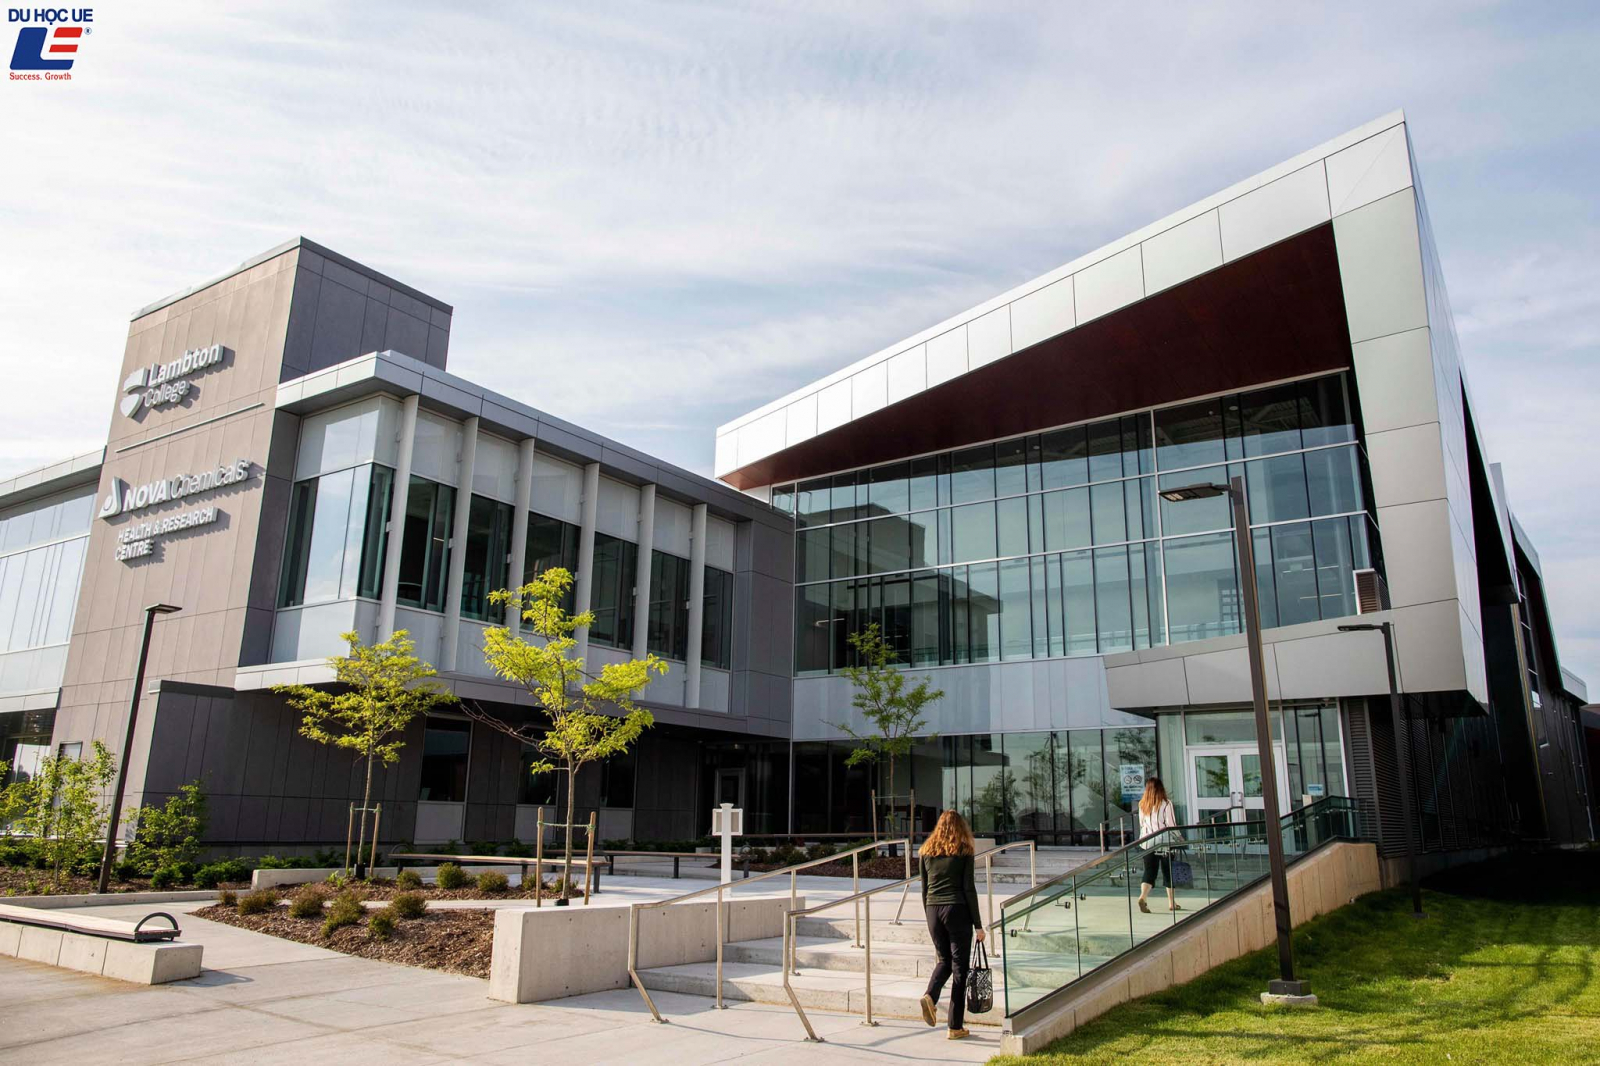 Săn học bổng tại Lambton College và những lý do tại sao bạn nên chọn trường Lambton College 2